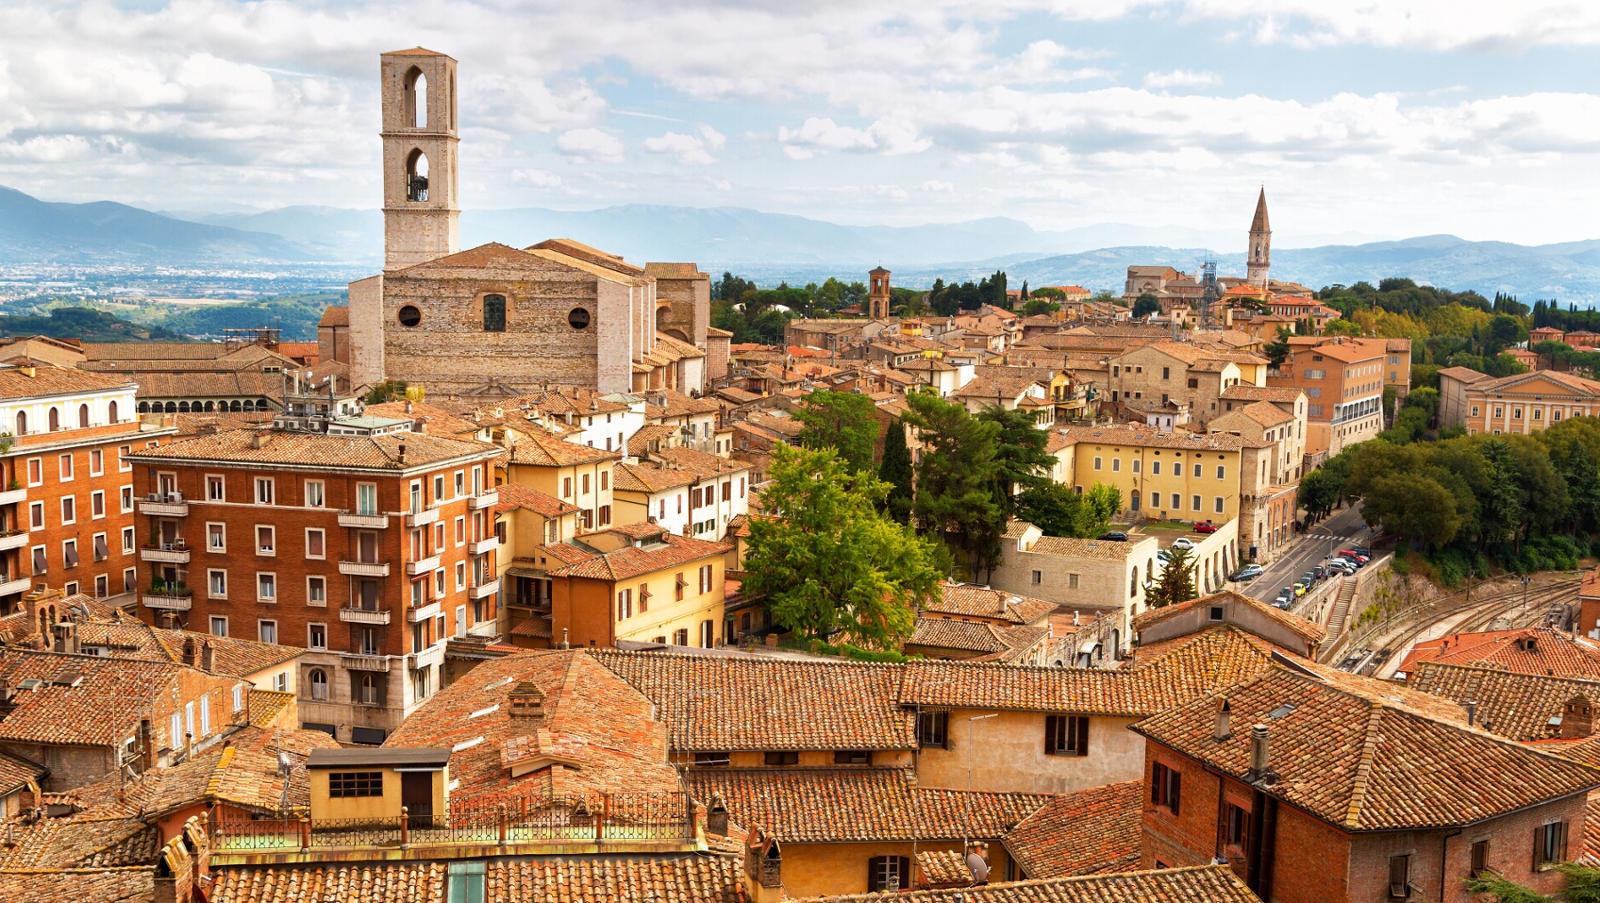 Valutazione Immobili Perugia